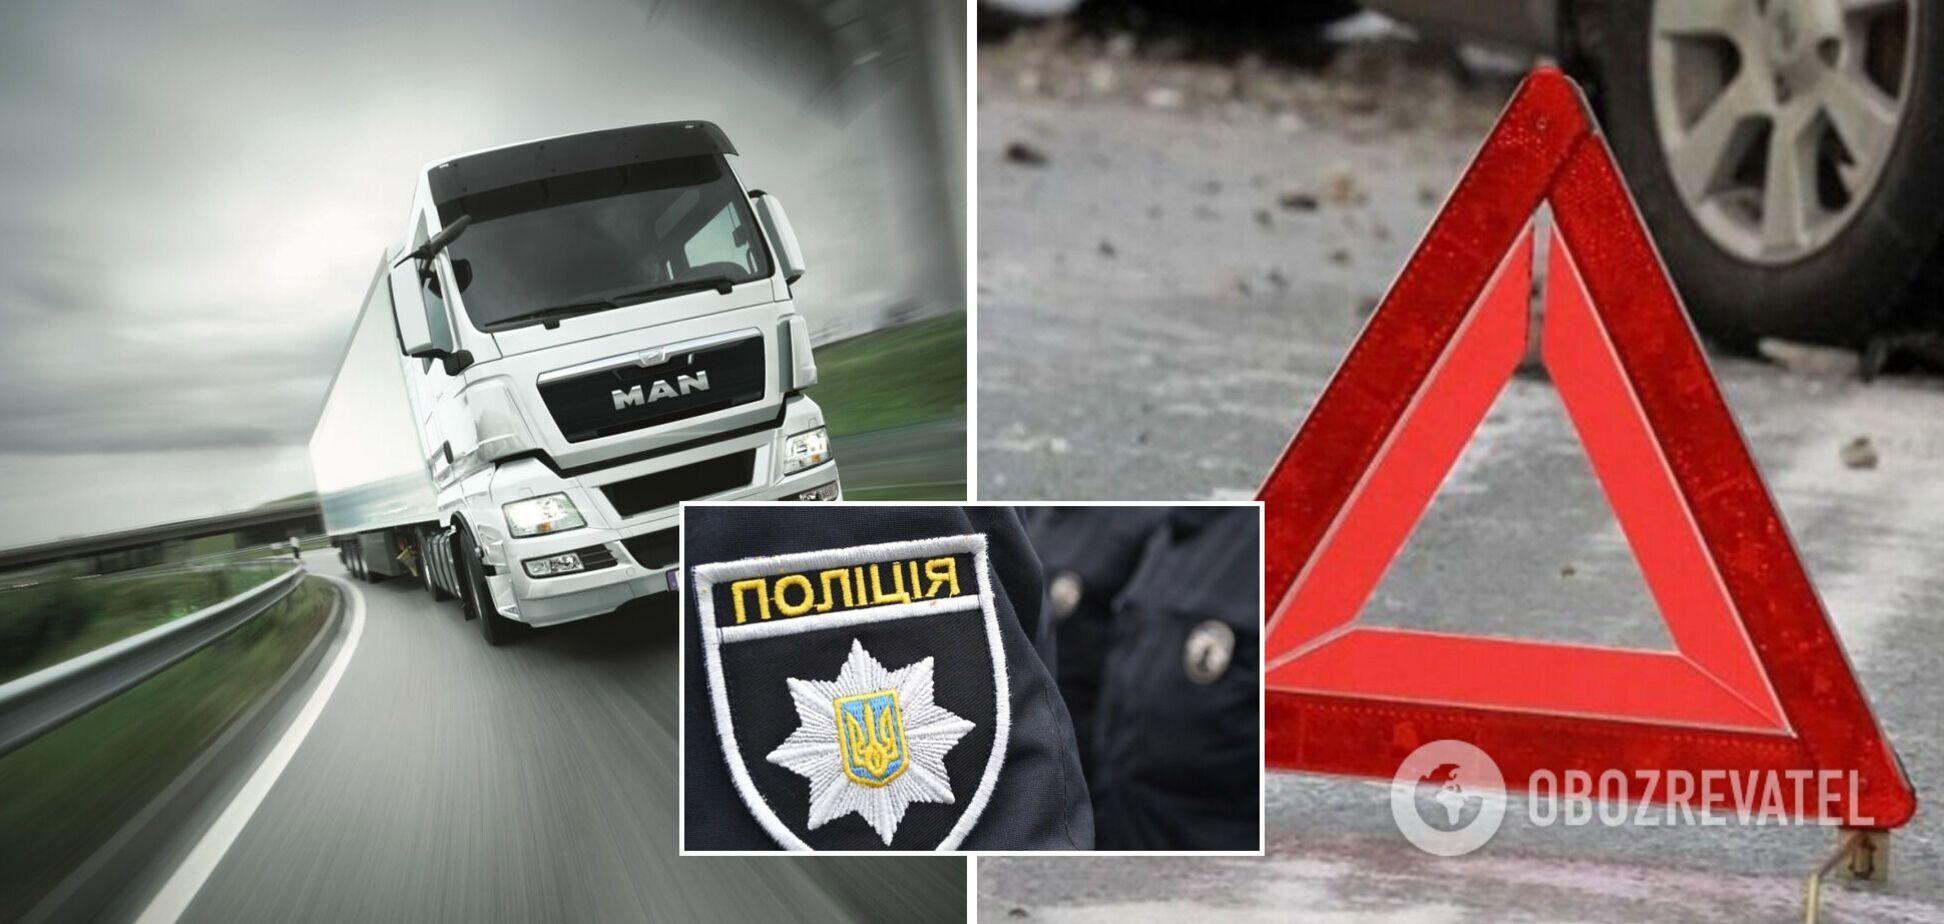 В Киеве водитель грузовика сбил двух пешеходов и скрылся: пострадал известный историк, его товарищ умер. Видео